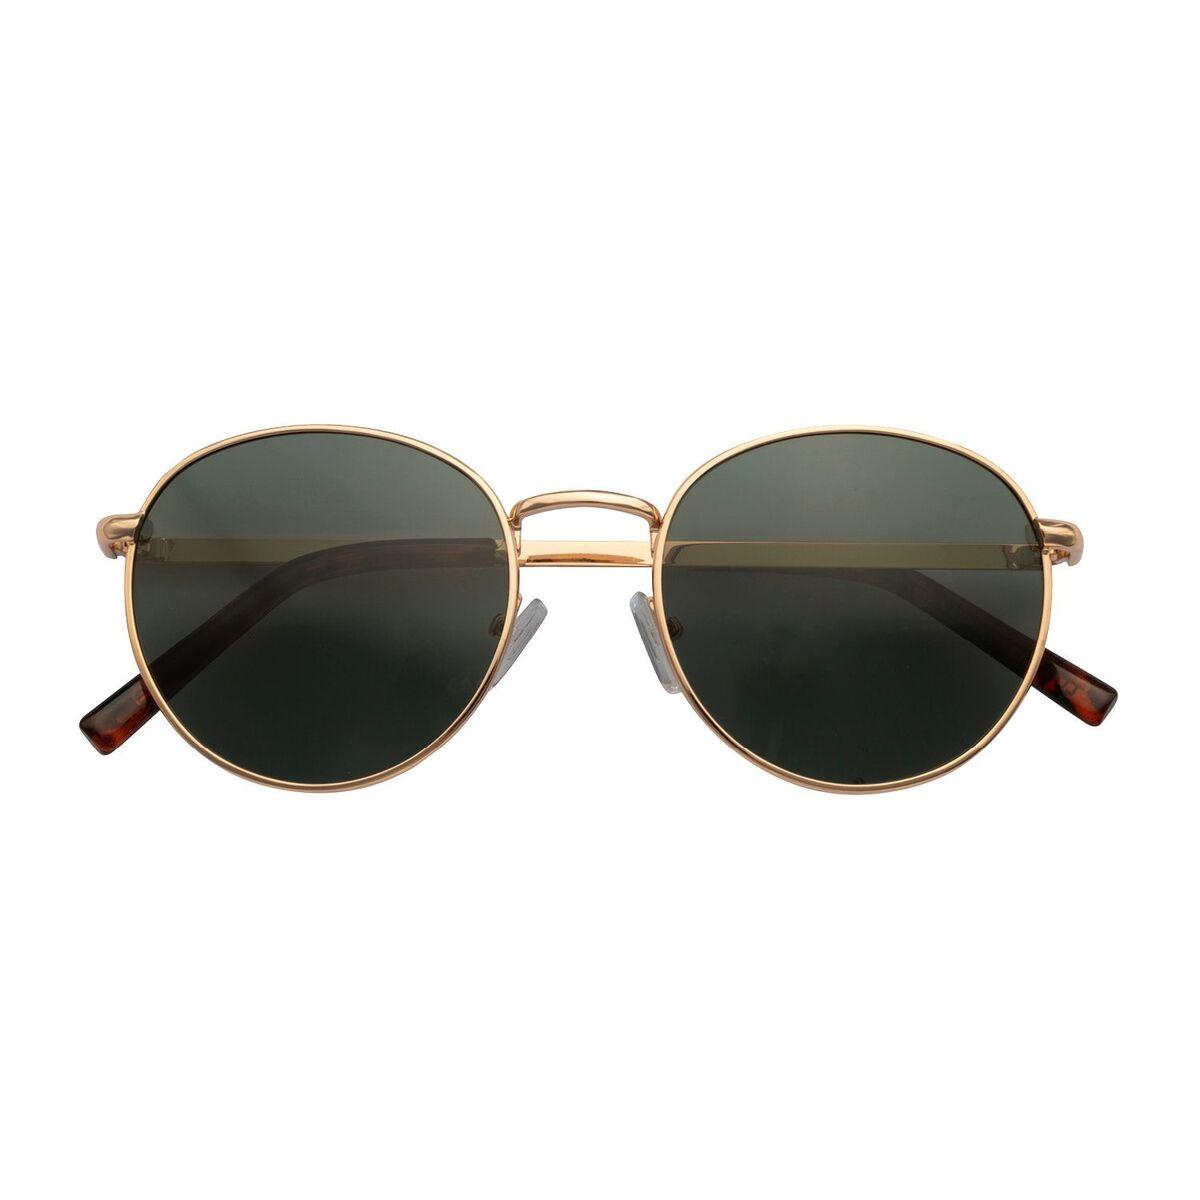 Bild 5 von LOOKS BY WOLFGANG JOOP Sonnenbrille mit Brillenbeutel